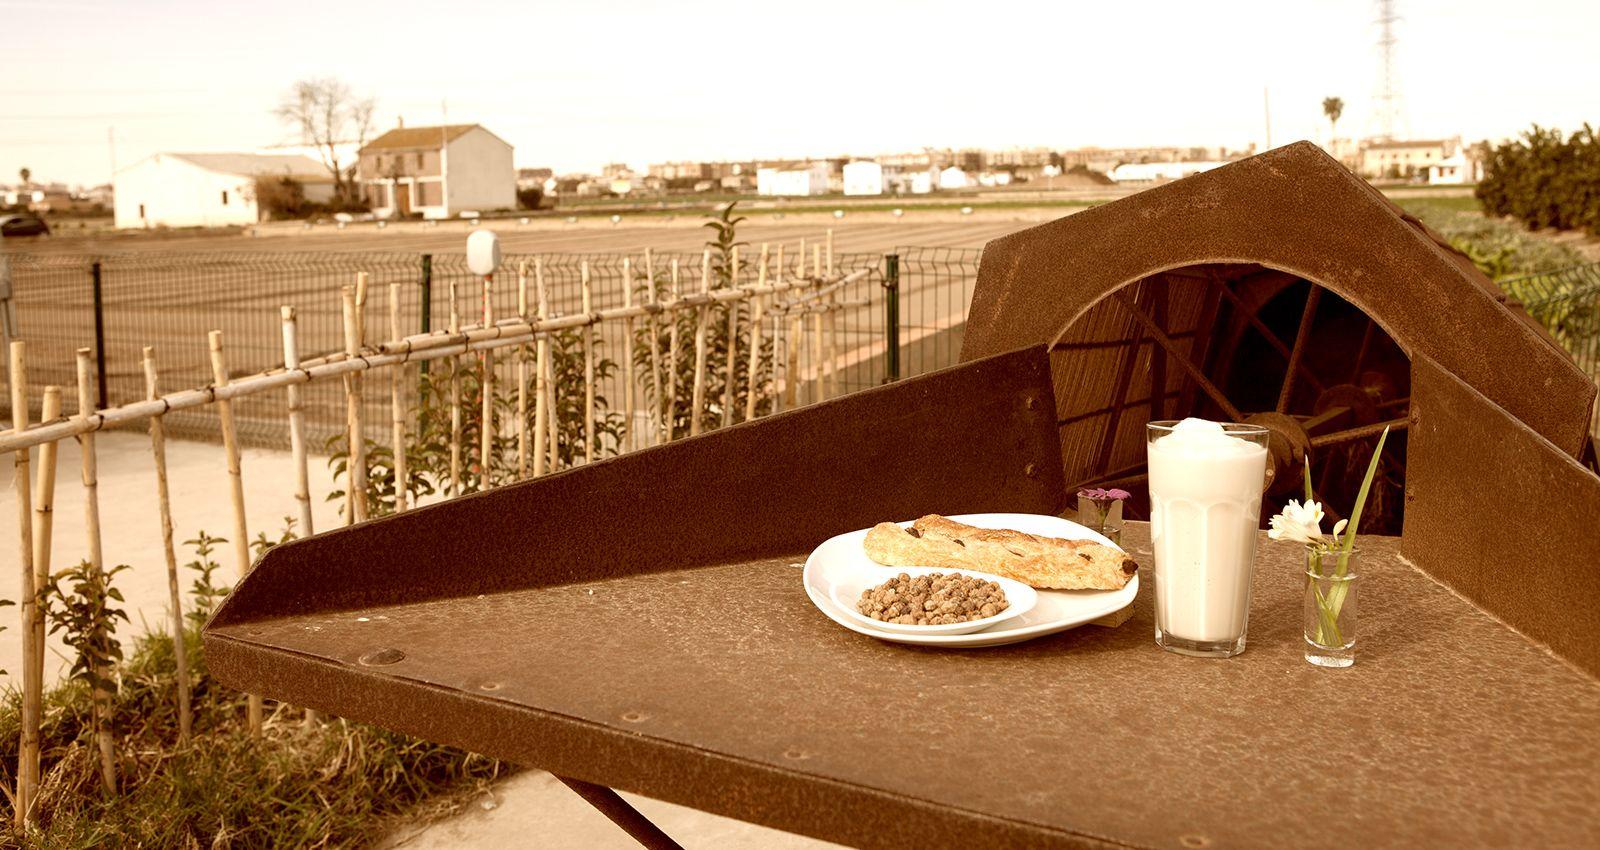 Arrocería y horchatería en Valencia Sequer lo Blanch Sequer lo Blanch es el escenario de un conjunto de ofertas gastronómicas y culturales, que se configuran desde Alboraya, a cuantos quieren disfrutar de la acción creativa en ámbitos como el de la chufa y la horchata, la coqueta